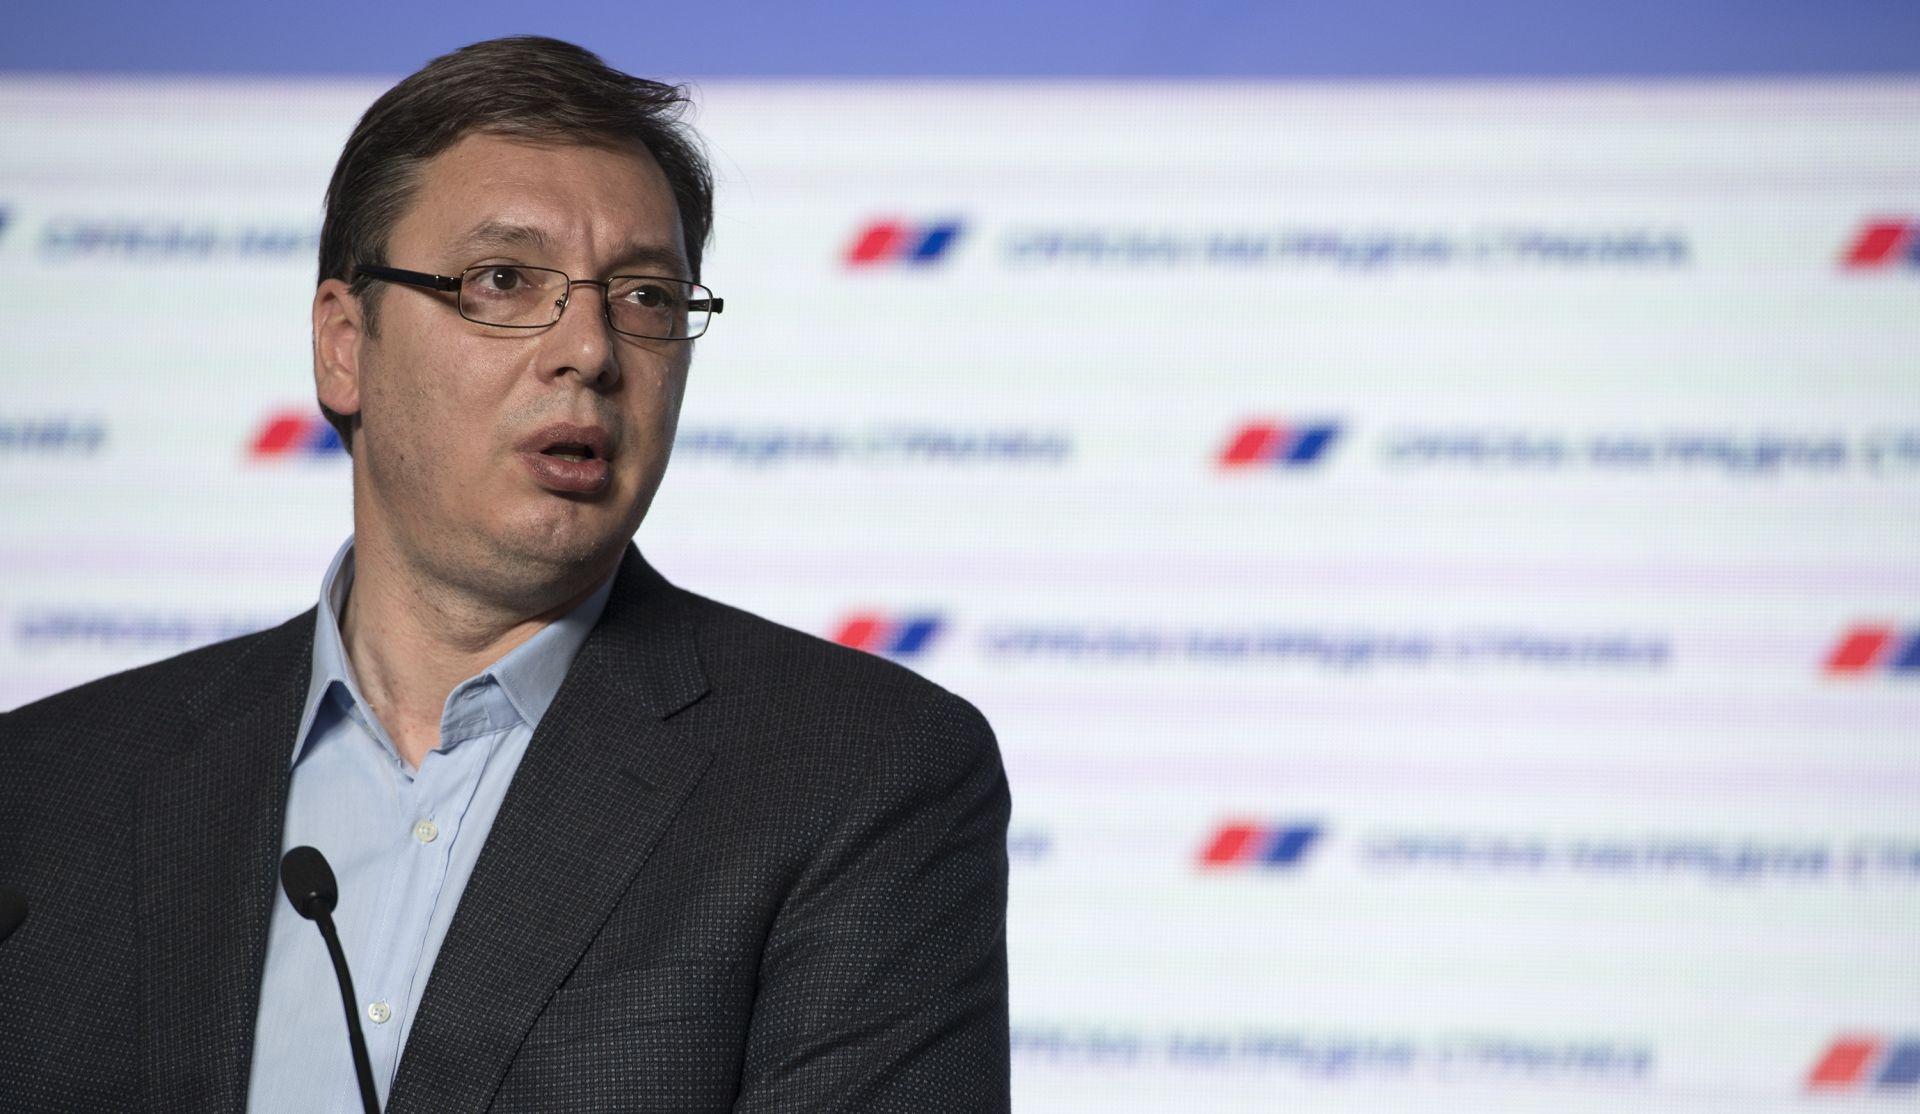 Srbija: U ponovljenom glasovanju Vučić ostao bez sedam mandata